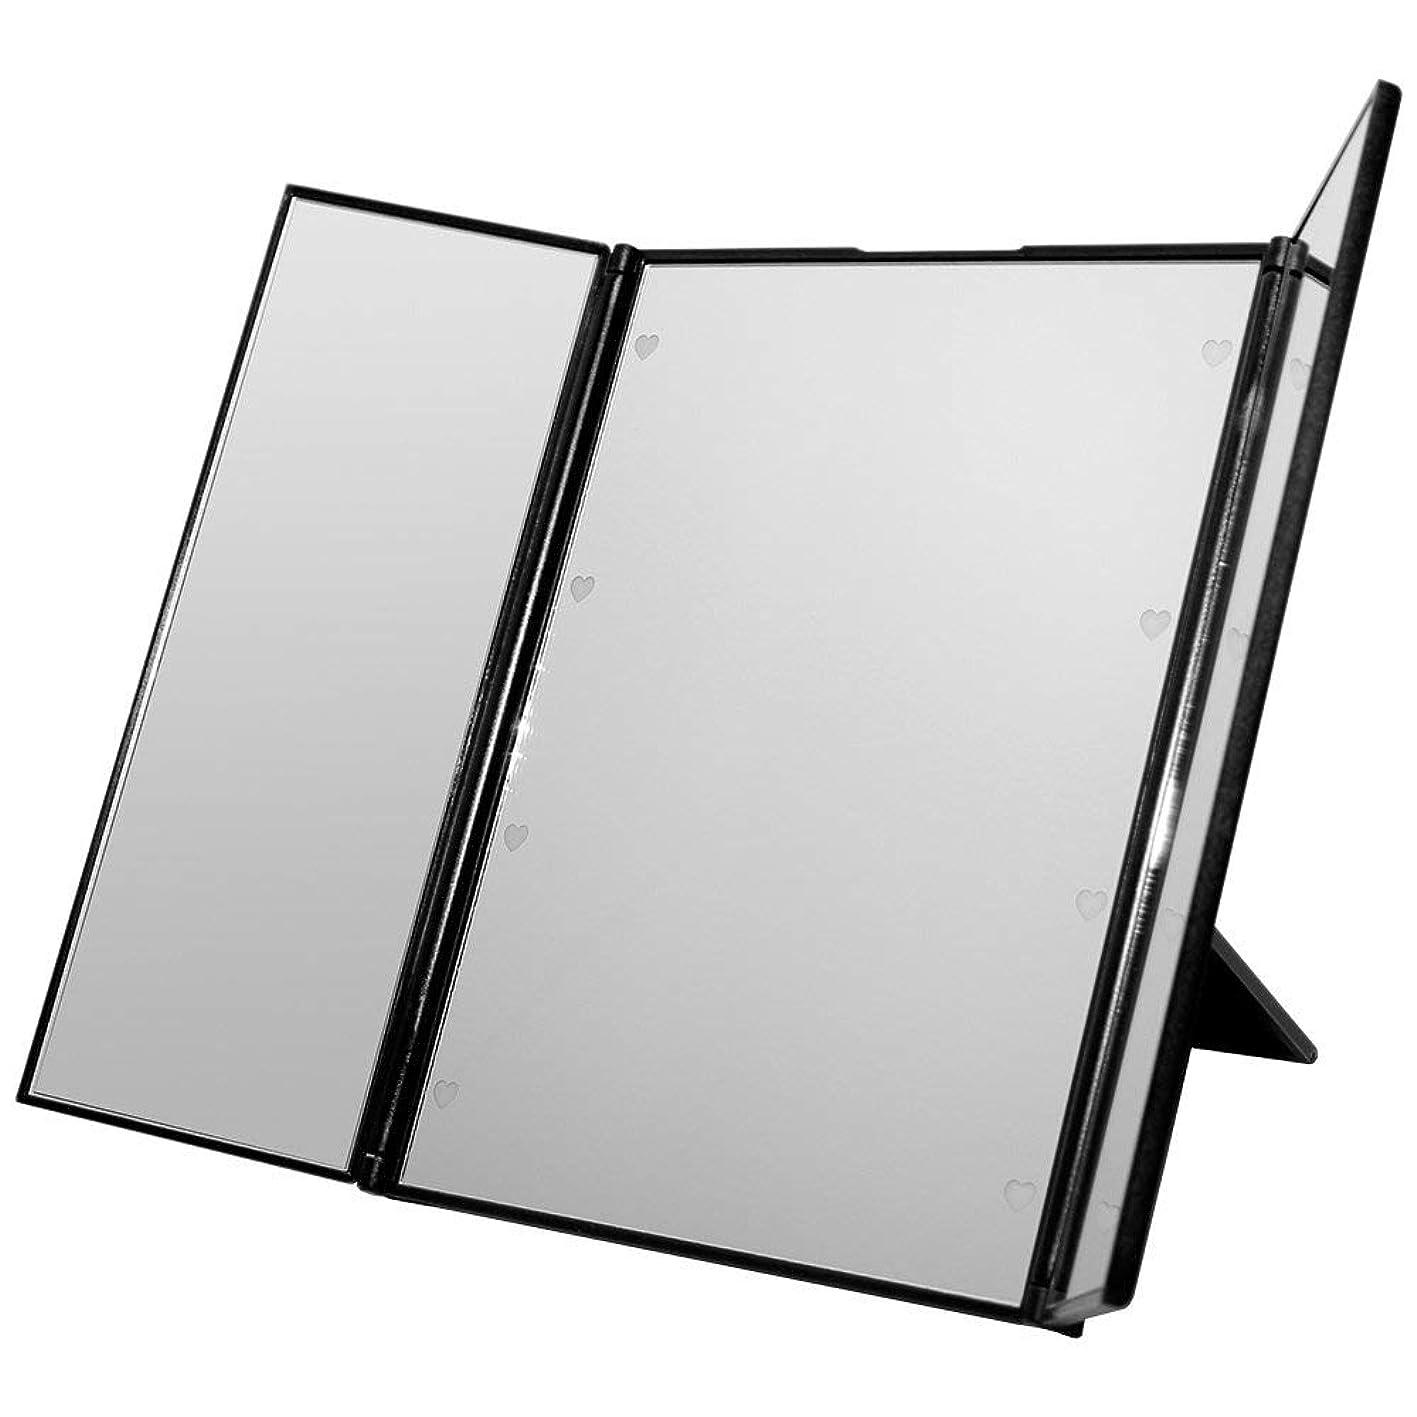 クレタ地区ポインタ卓上 折りたたみ 三面鏡 化粧鏡 浴室鏡 卓上鏡 曇らないミラー 大型 大きい かわいい スタンド ミラー メイク アップ ブライトニング